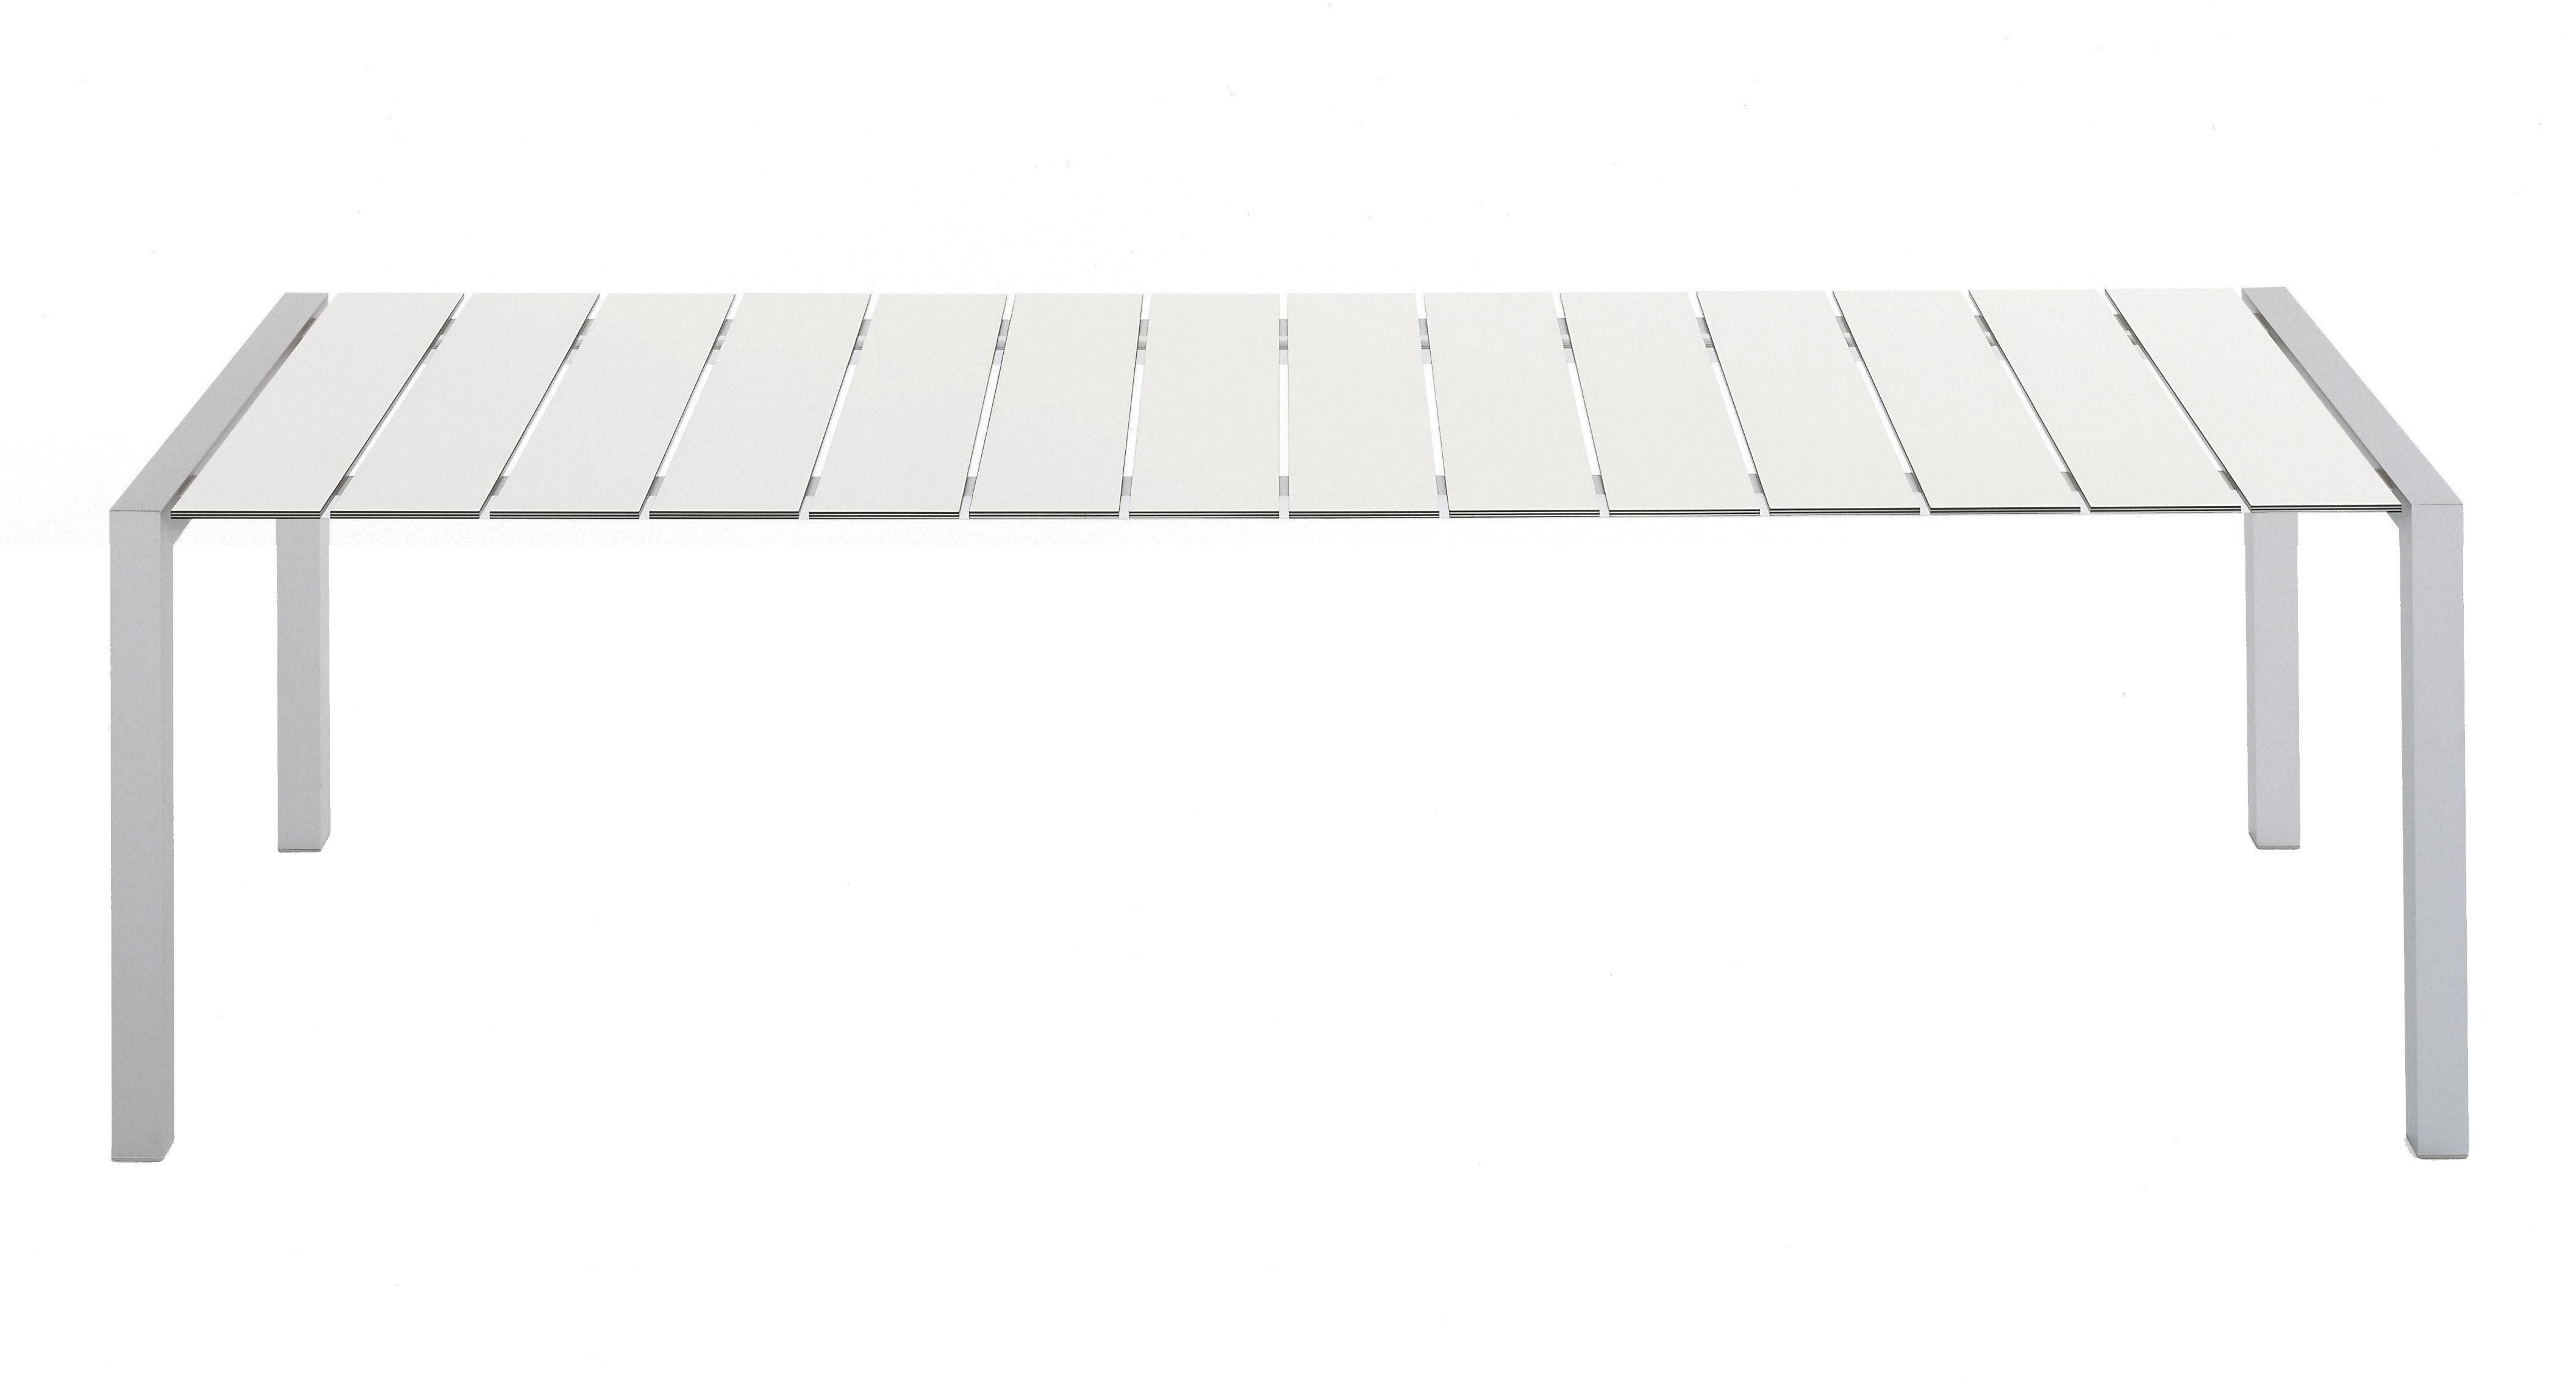 Outdoor - Tavoli  - Tavolo rettangolare Sushi Outdoor - L 180 cm di Kristalia - Laminato bianco - Alluminio anodizzato, Laminato stratificato